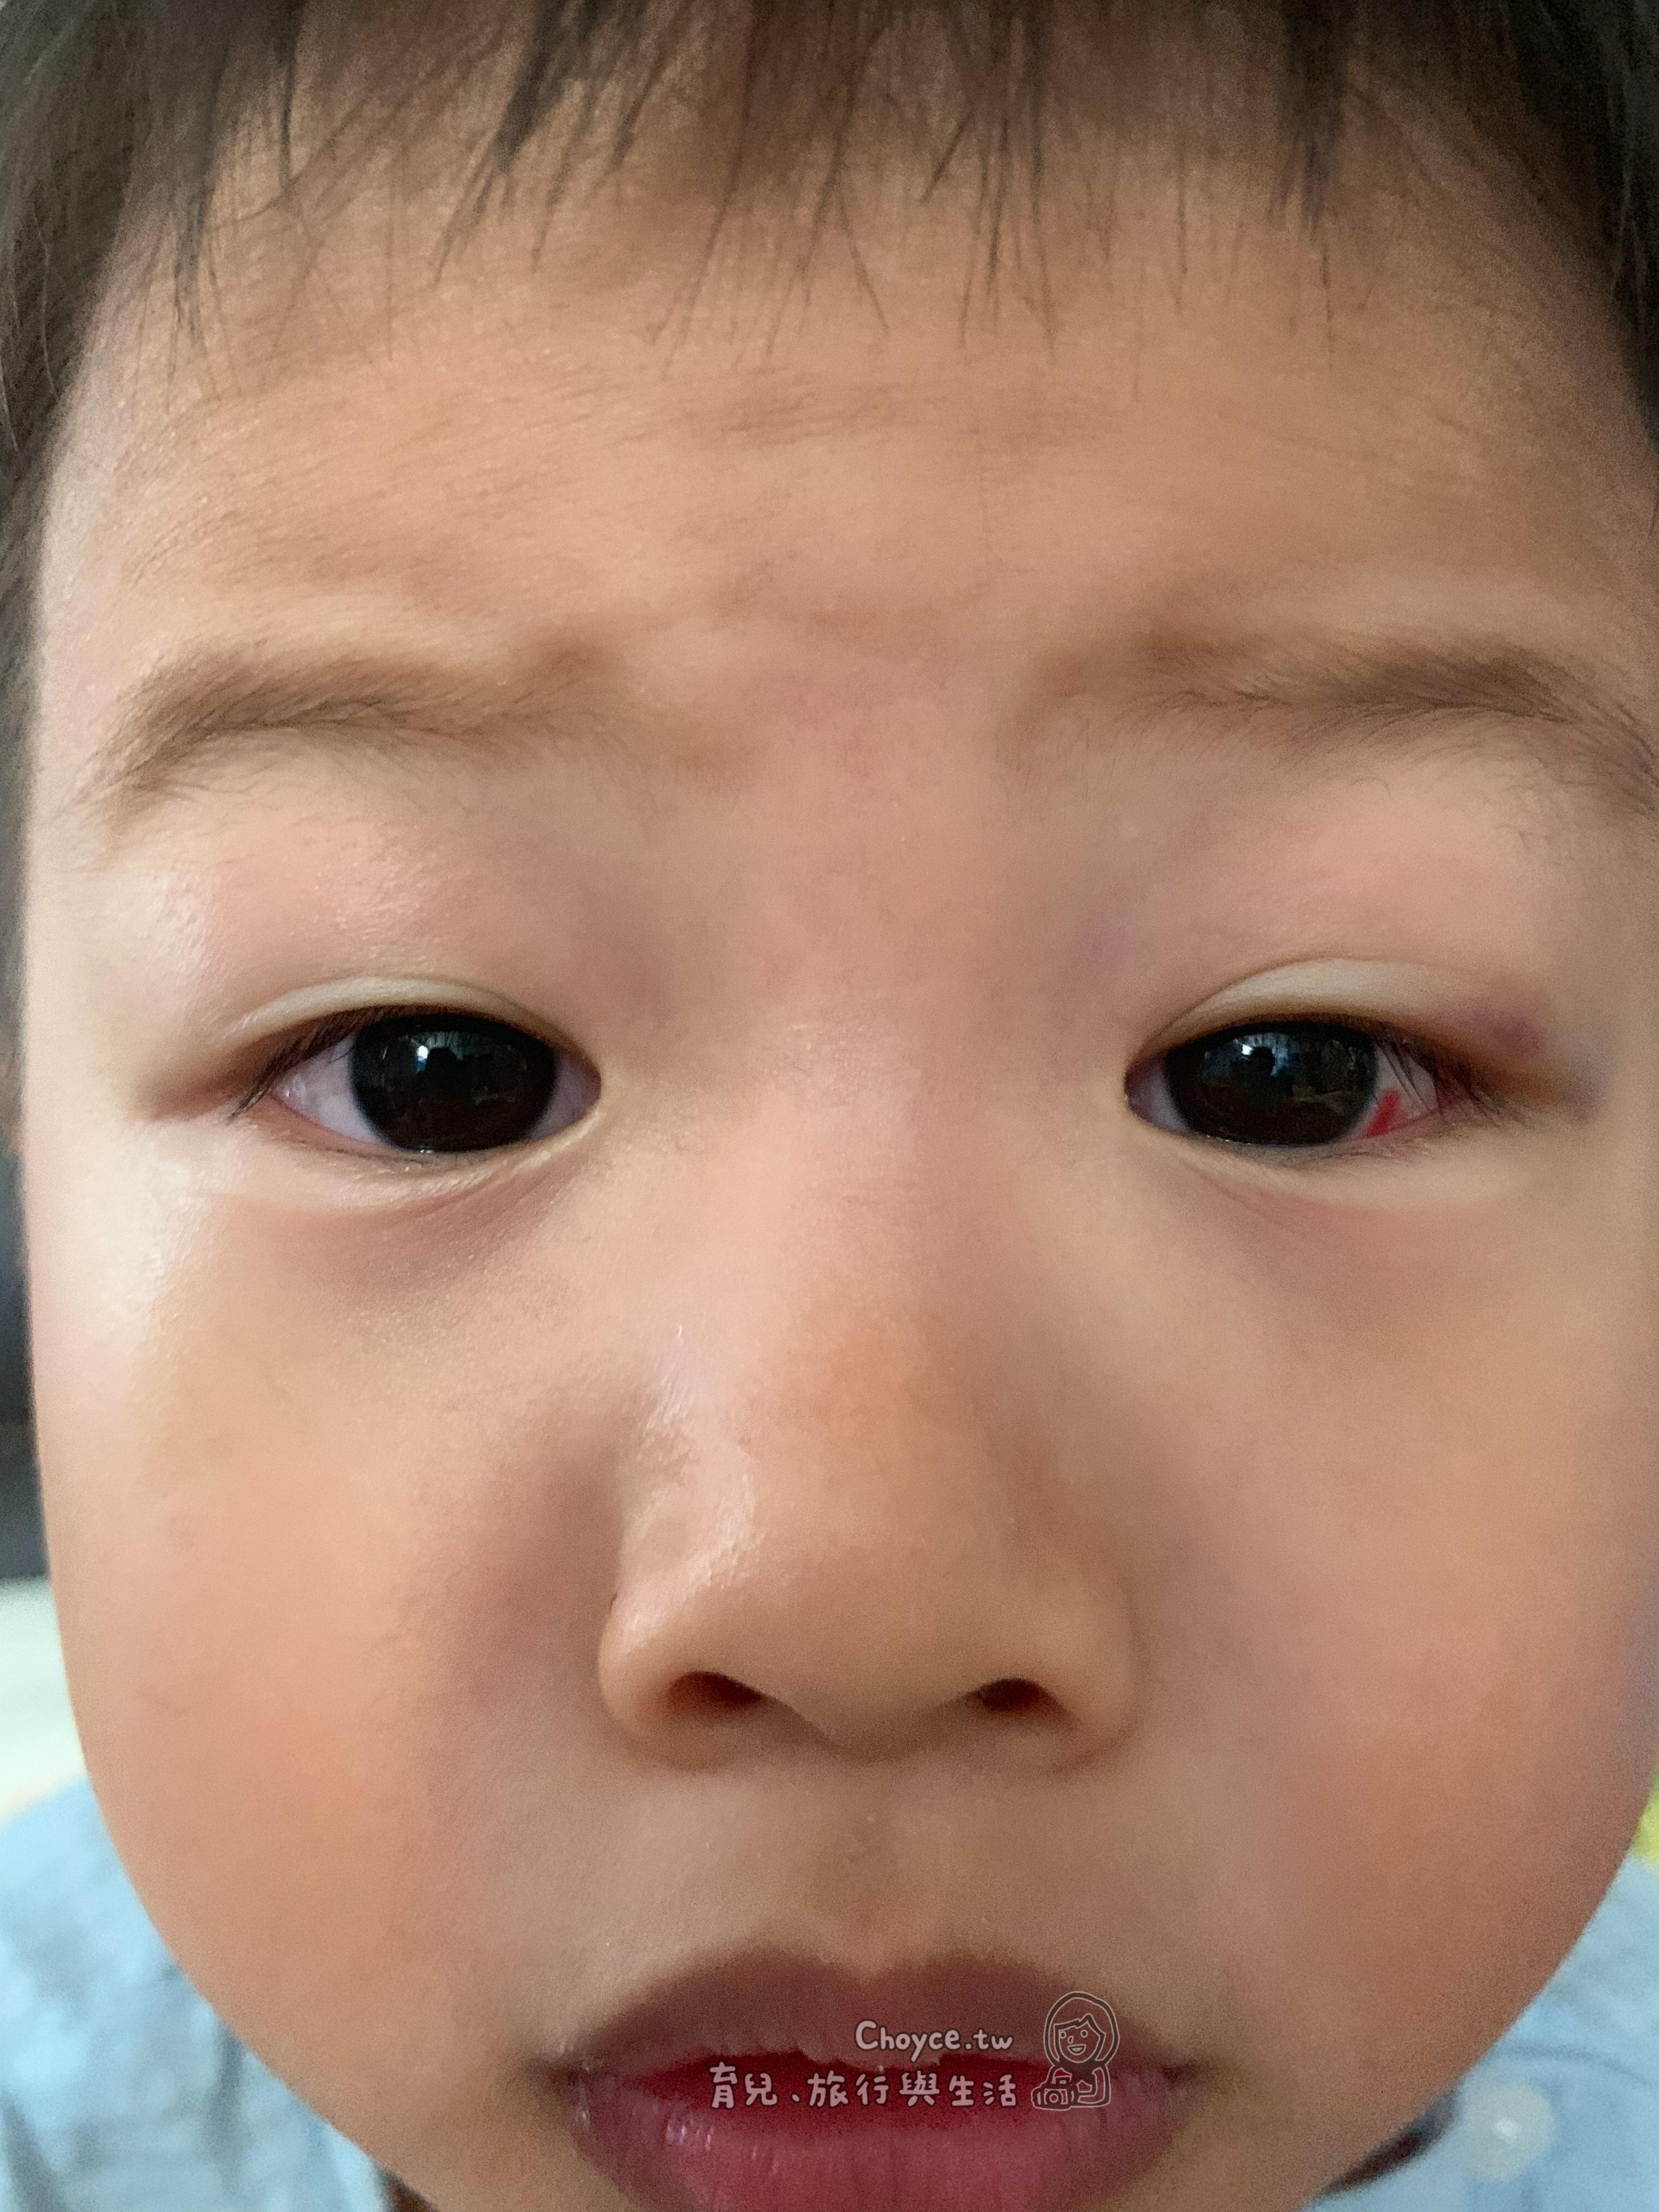 急性結膜炎 俗稱的「紅眼症」 具有高度傳染性 又以夏季最為流行